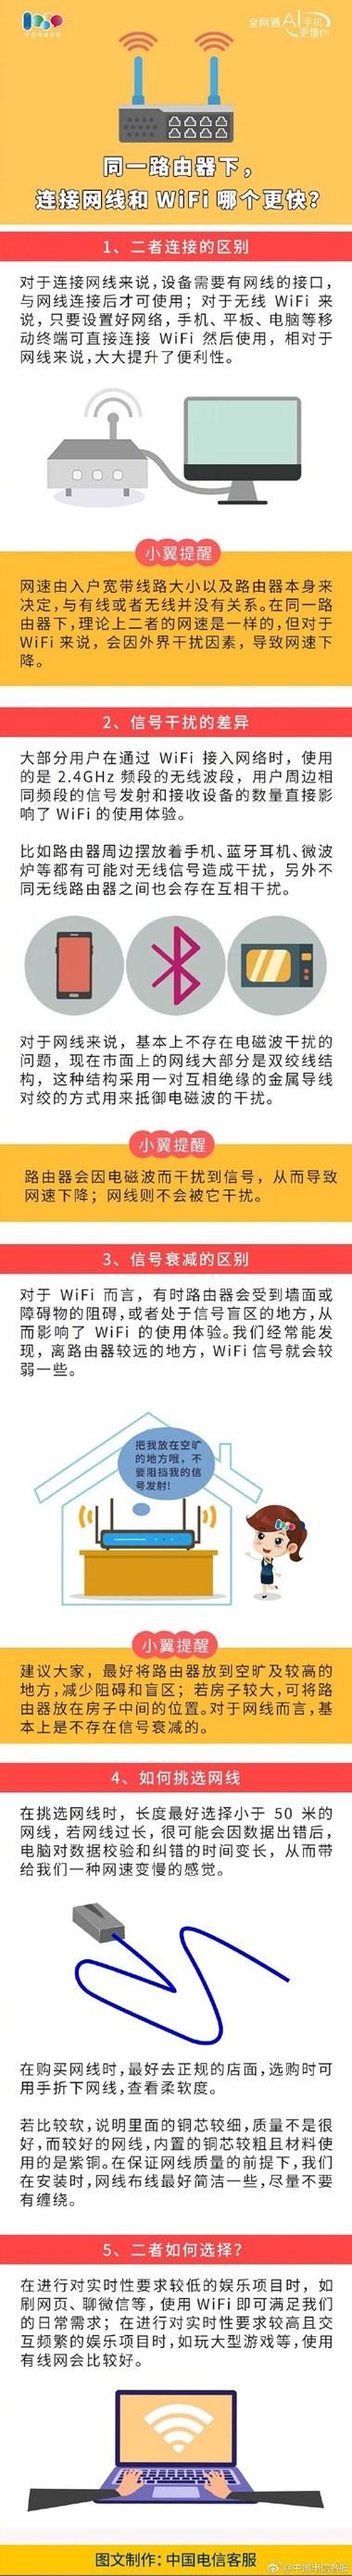 同一路由器下,连接网线与WiFi哪个更快?